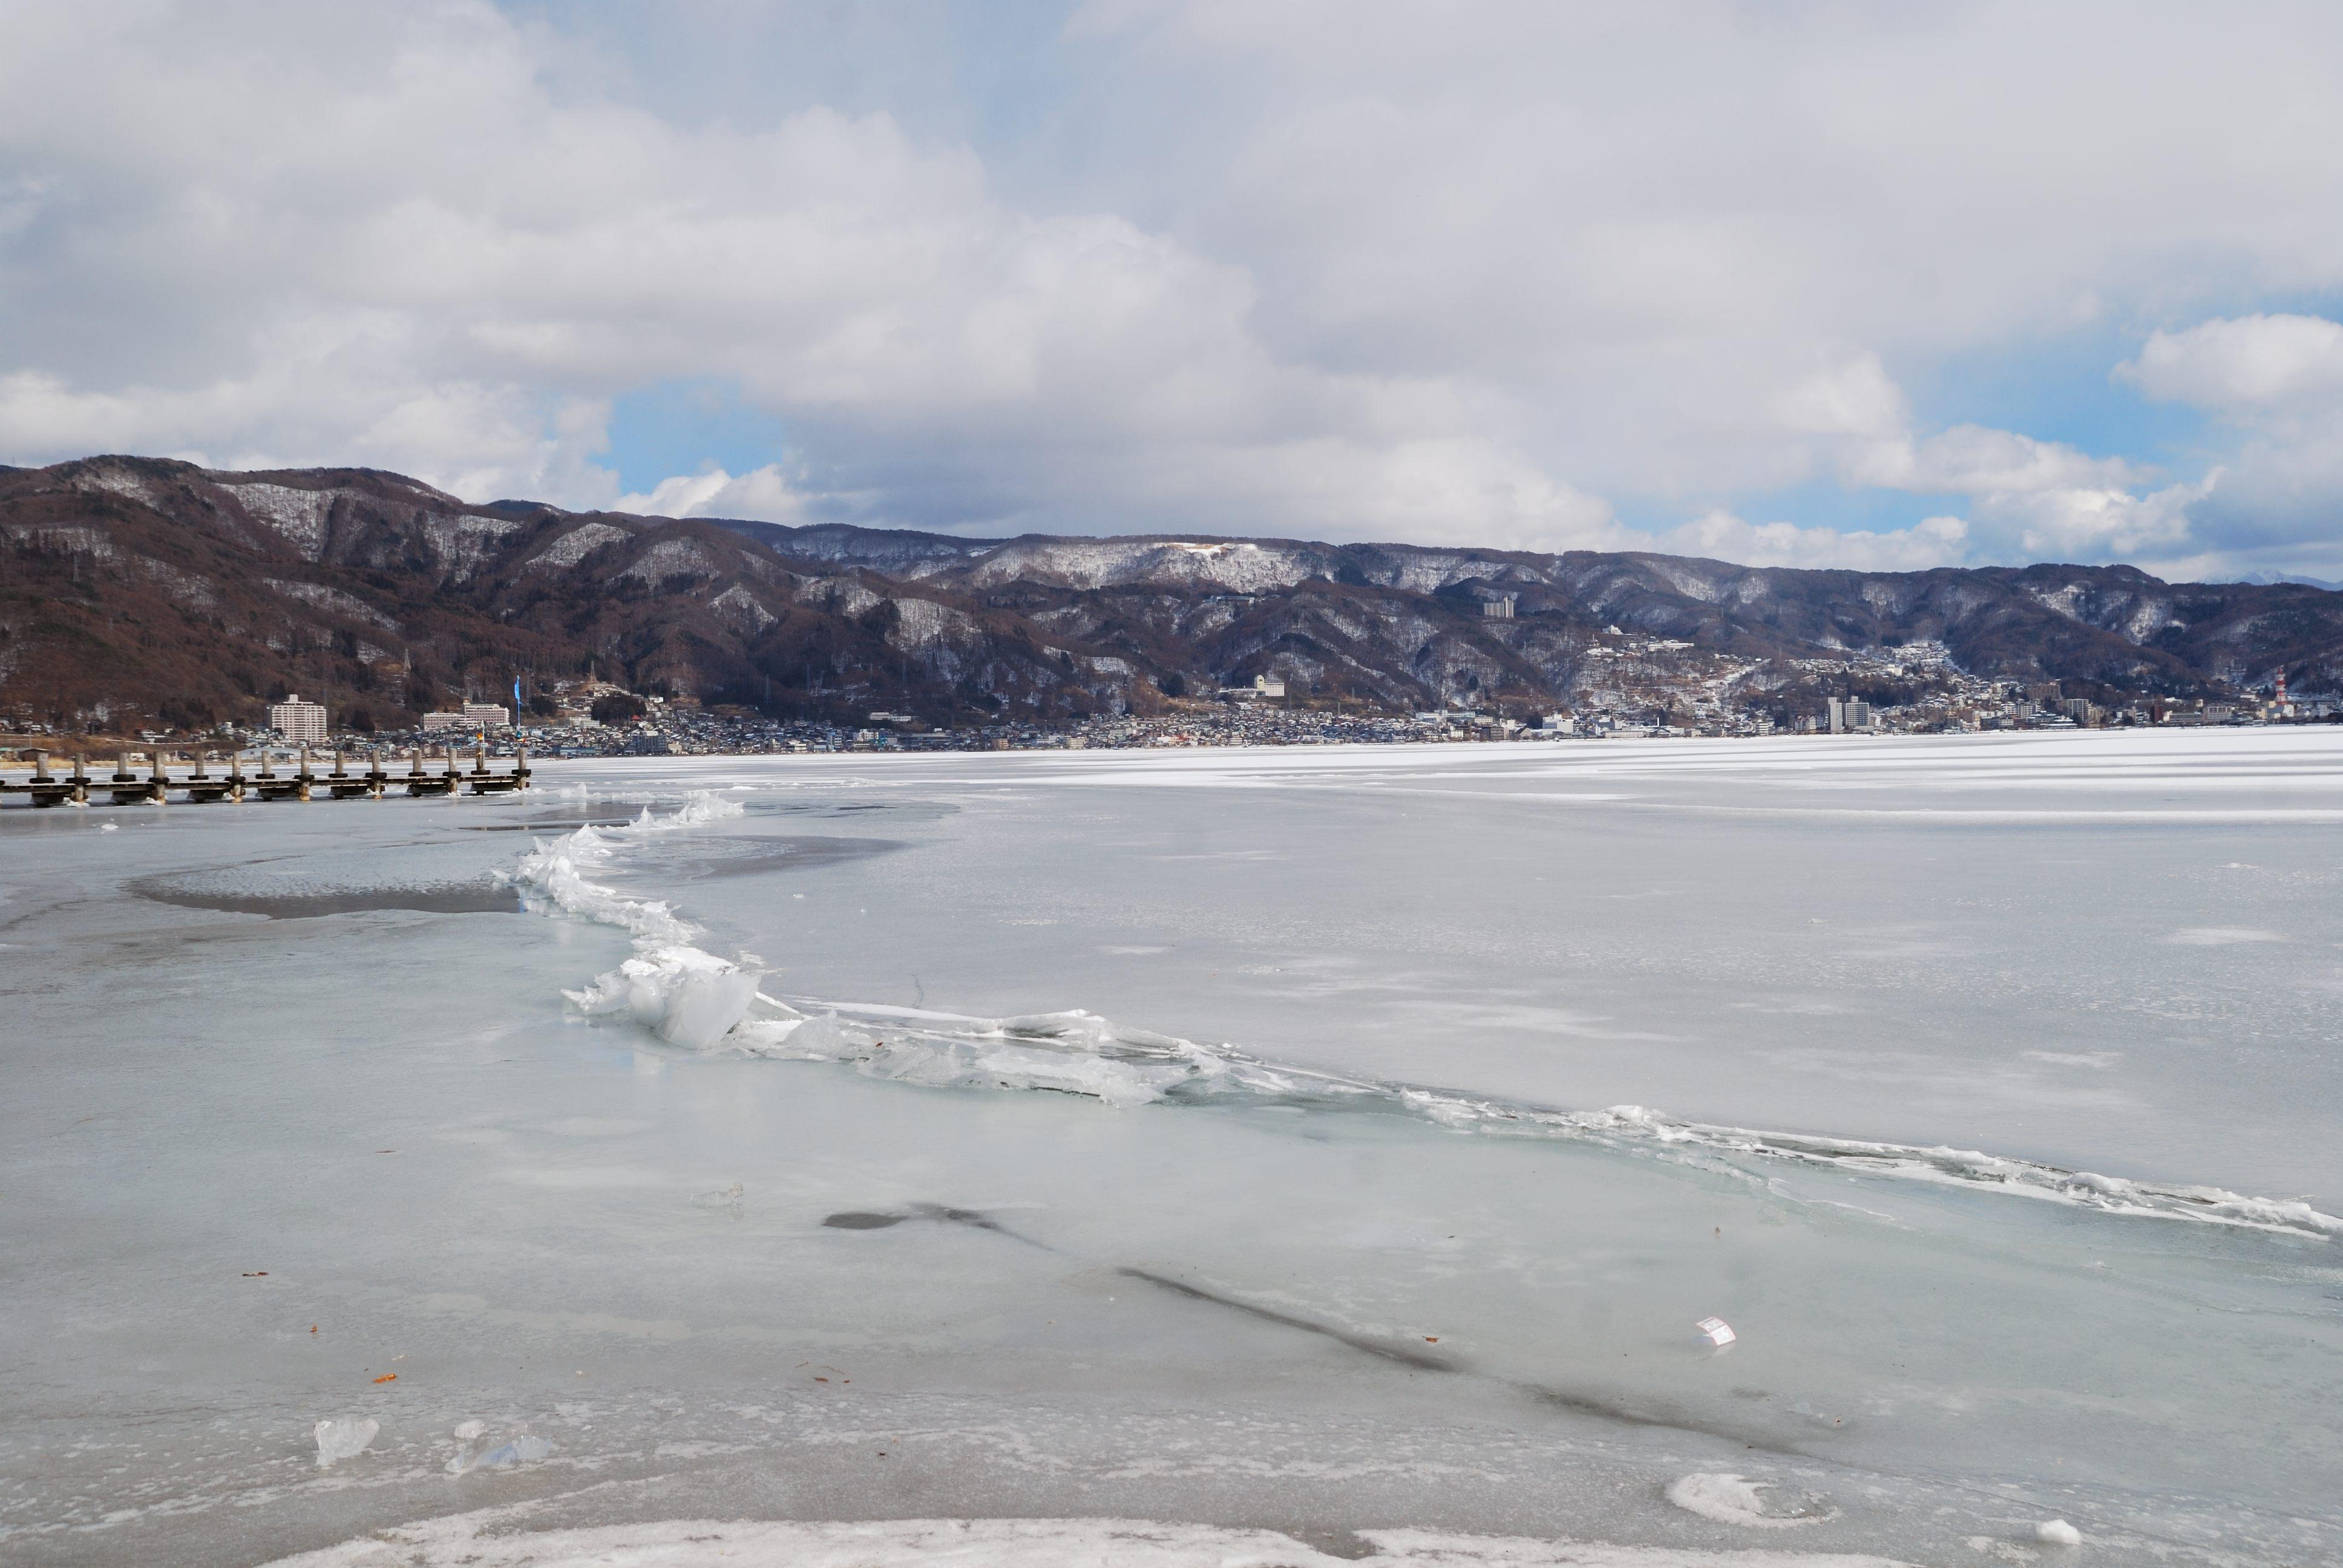 諏訪湖の御神渡り出現を祝って、周辺ホテルなどで特別プランや記念企画 ...